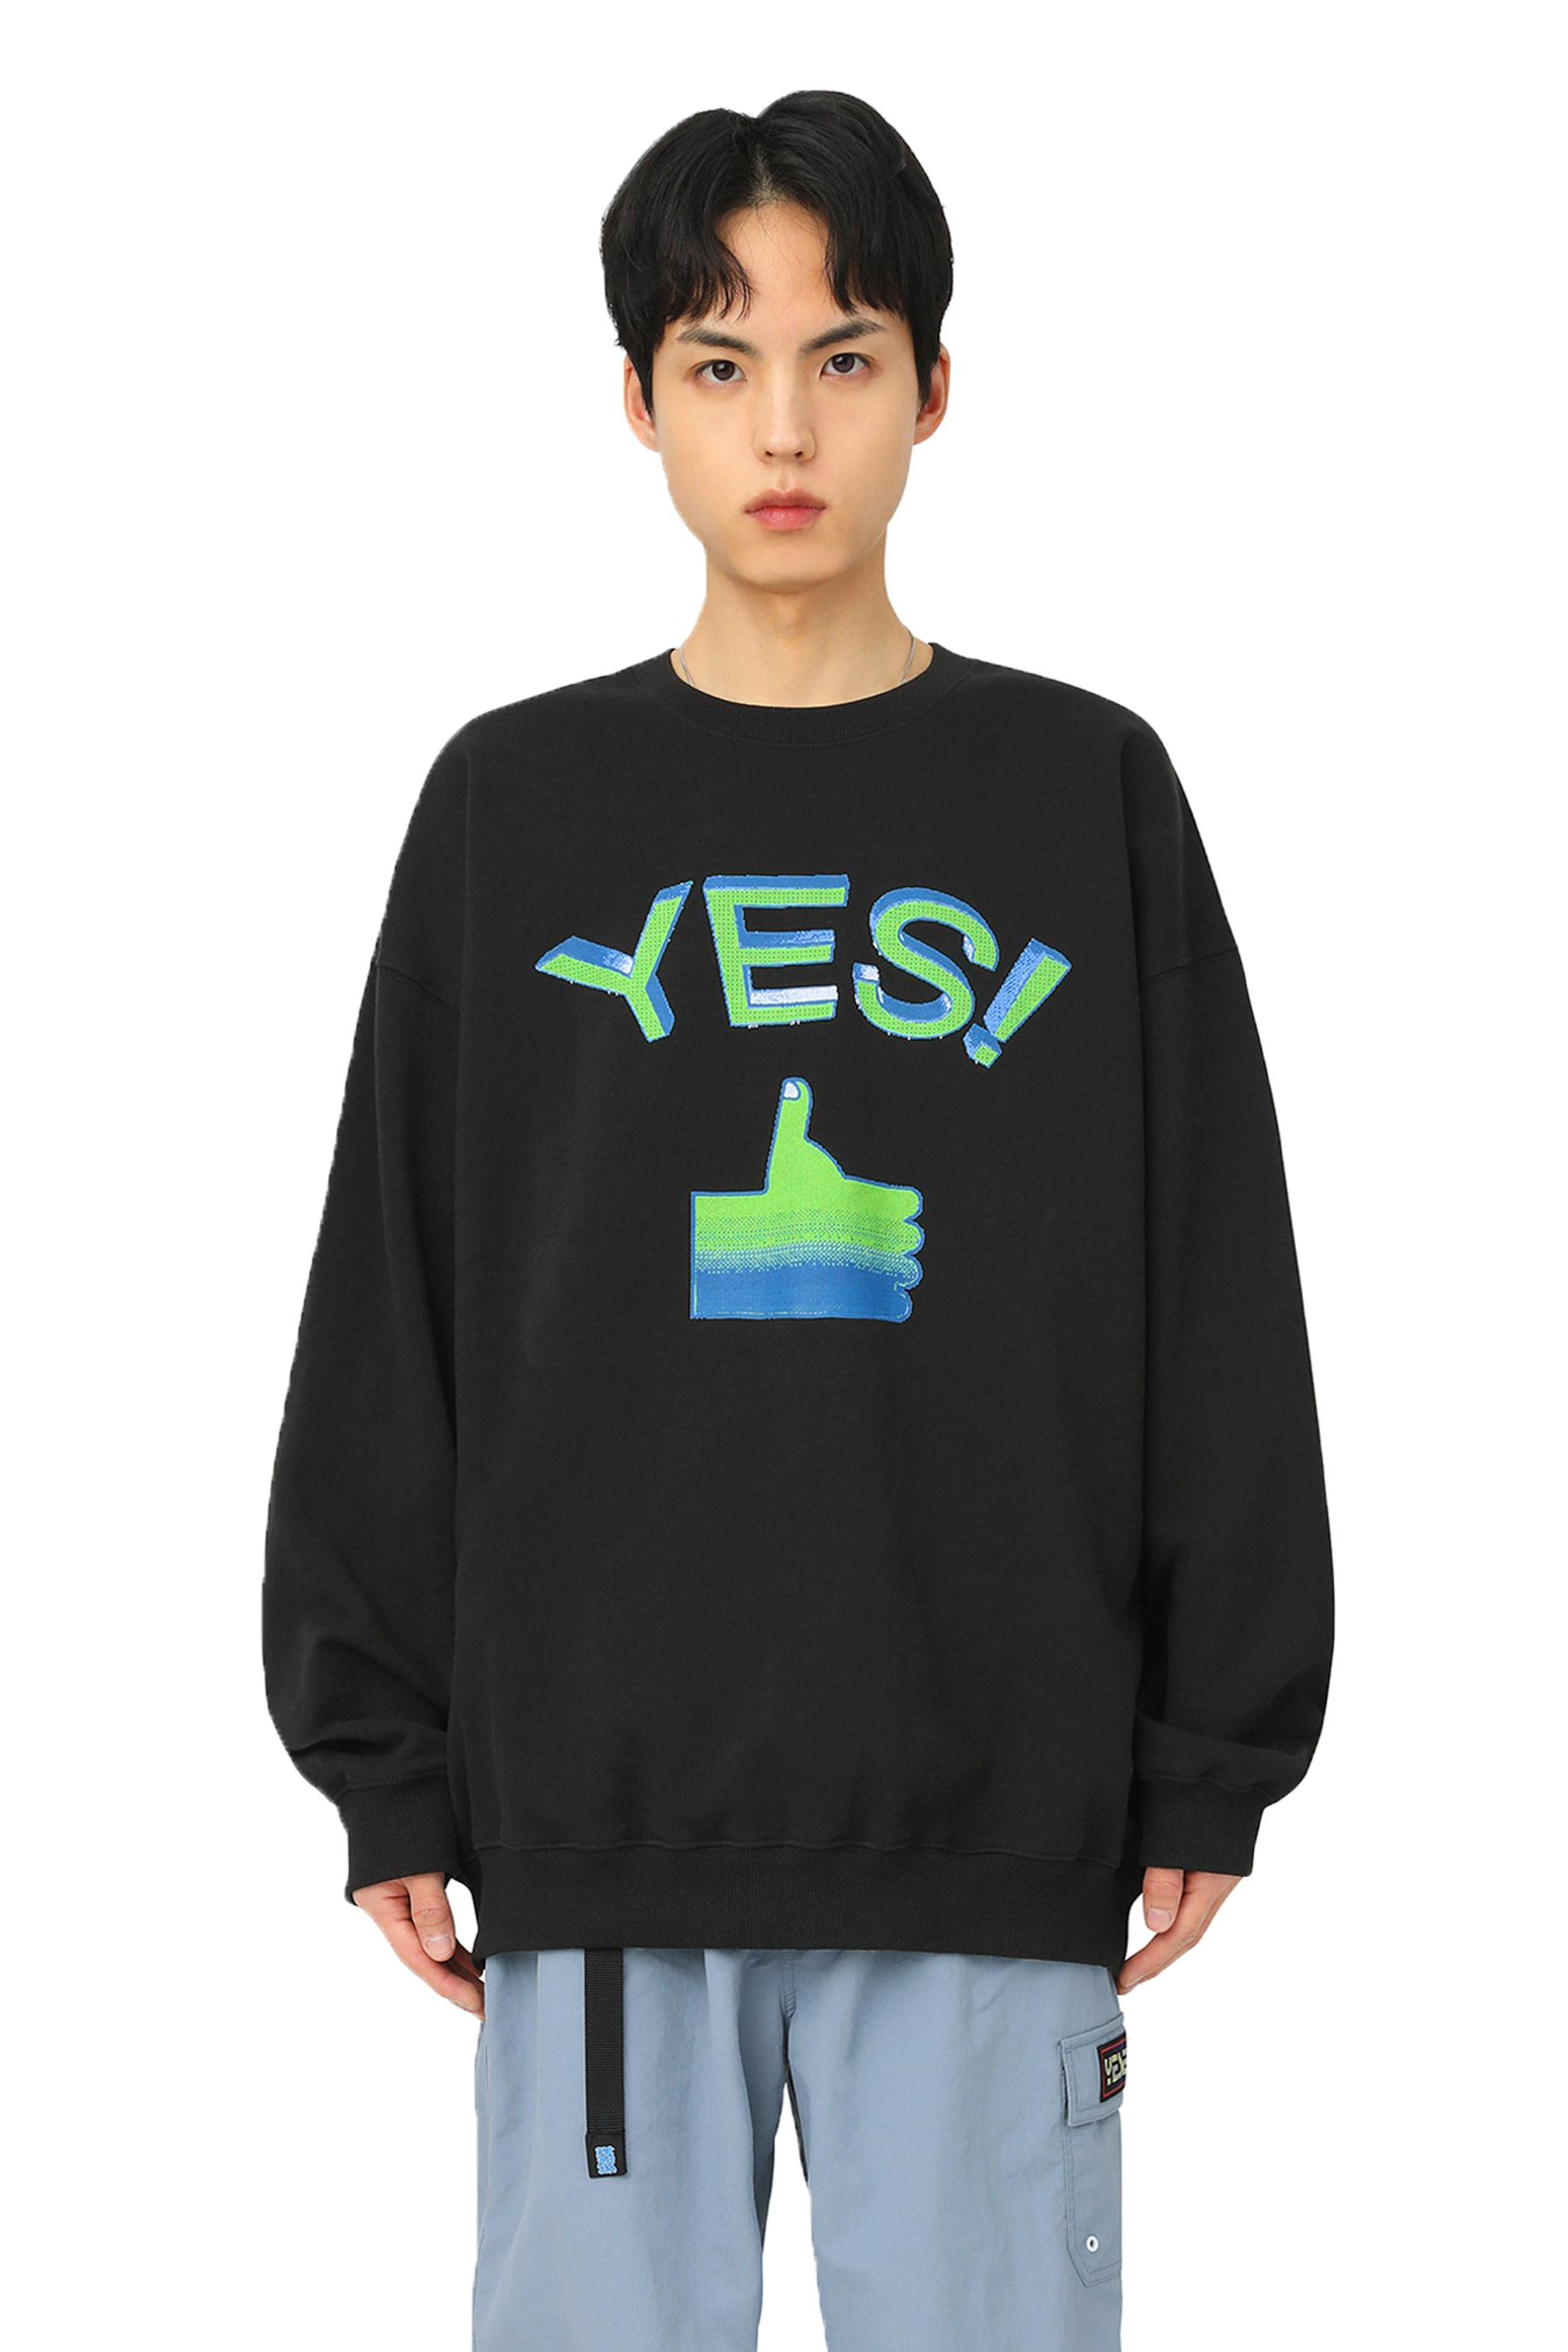 Thumbs up Sweatshirts Black